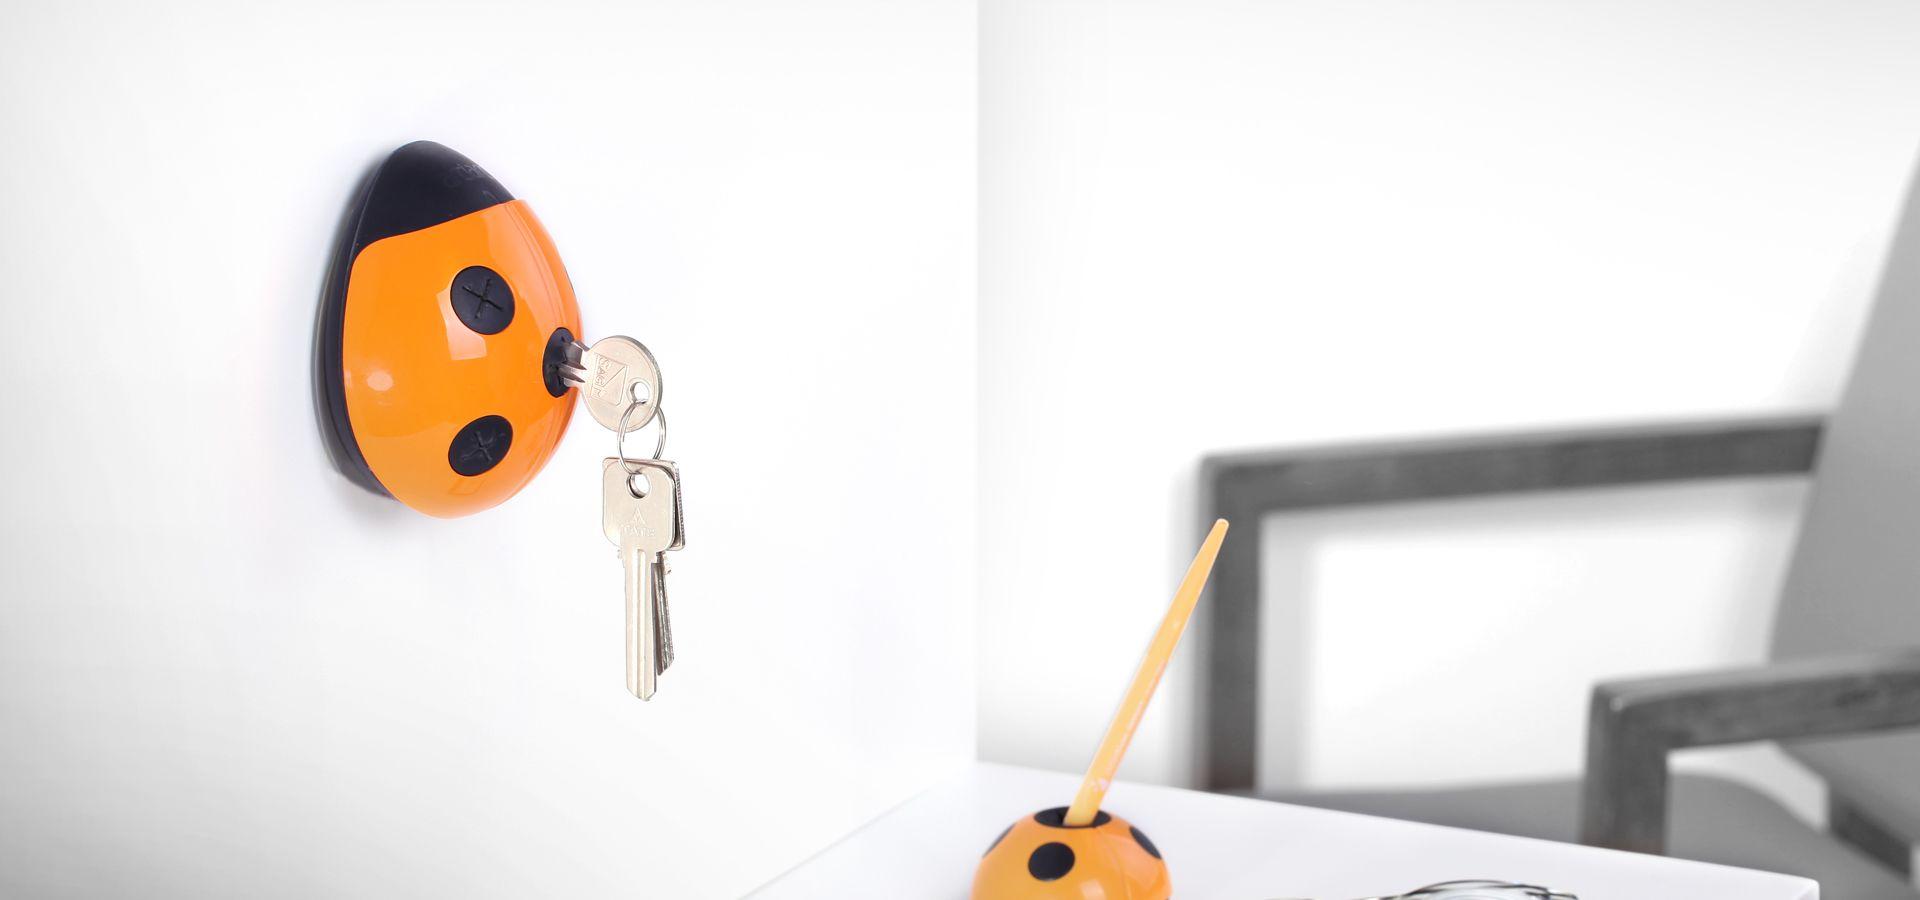 瓢虫钥匙插